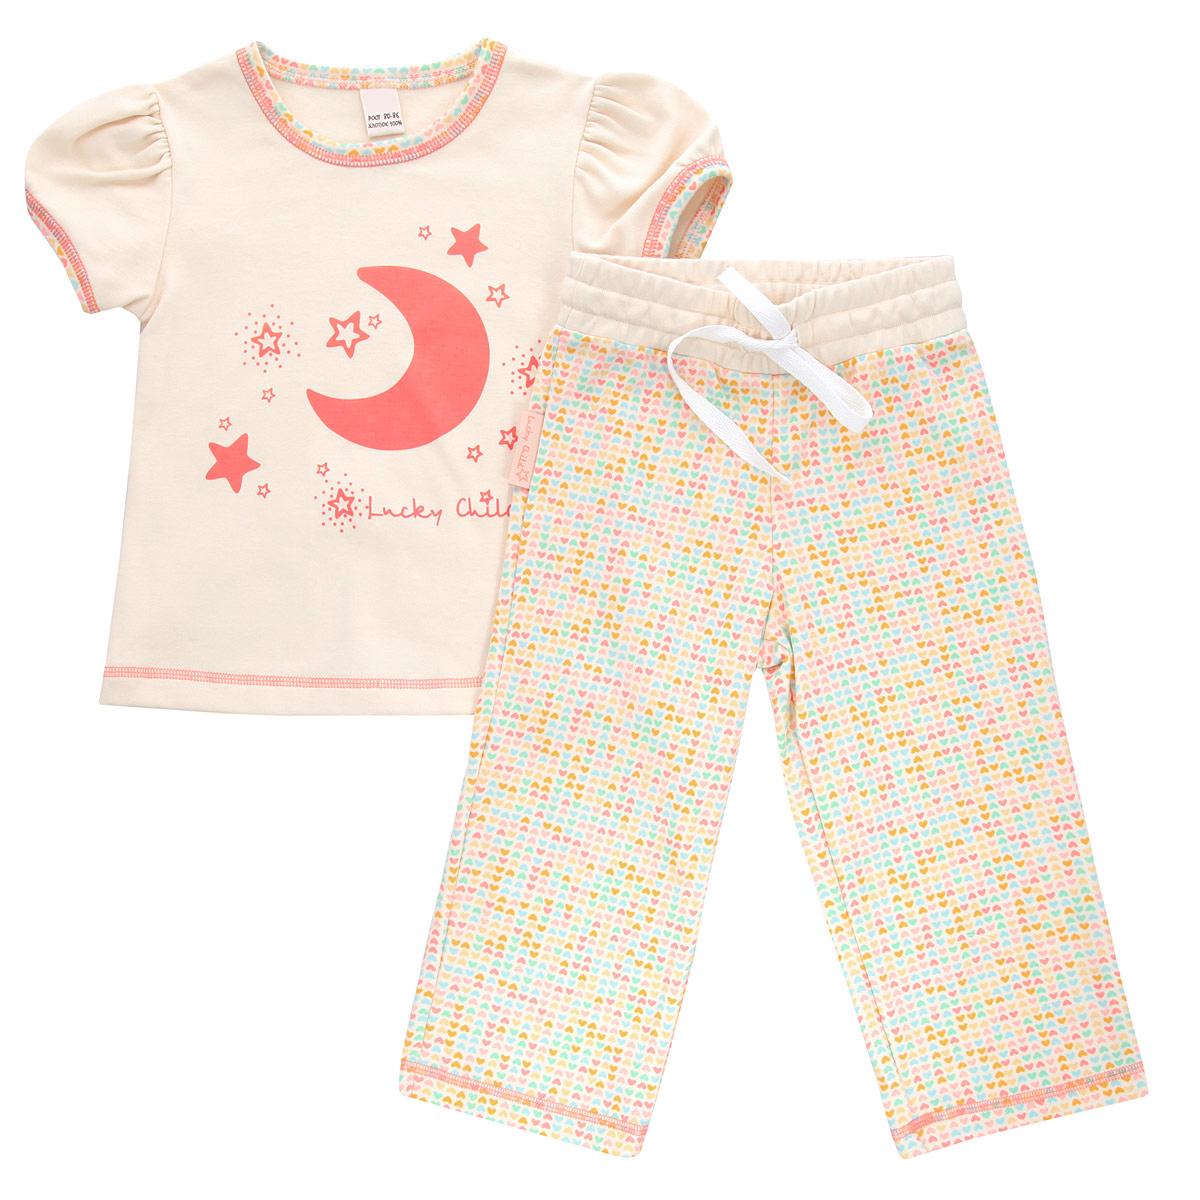 Пижама для девочки Lucky Child, цвет: кремовый, желтый, оранжевый. 12-402. Размер 122/12812-402Очаровательная пижама для девочки Lucky Child, состоящая из футболки и брюк, идеально подойдет вашей дочурке и станет отличным дополнением к детскому гардеробу. Изготовленная из натурального хлопка - интерлока, она необычайно мягкая и приятная на ощупь, не раздражает нежную кожу ребенка и хорошо вентилируется, а эластичные швы приятны телу и не препятствуют его движениям.Футболка трапециевидного кроя с короткими рукавами-фонариками и круглым вырезом горловины оформлена спереди оригинальной термоаппликацией в виде месяца, а также изображением звездочек и названием бренда. Горловина и рукава оформлены принтом с мелким изображением сердечек. Низ изделия оформлен контрастной фигурной прострочкой. Брюки прямого кроя на талии имеют широкий эластичный пояс со шнурком, благодаря чему они не сдавливают животик ребенка и не сползают. Оформлены брюки принтом с мелким изображением сердечек по всей поверхности. Низ брючин оформлен контрастной фигурной прострочкой. Такая пижама идеально подойдет вашей дочурке, а мягкие полотна позволят ей комфортно чувствовать себя во время сна!